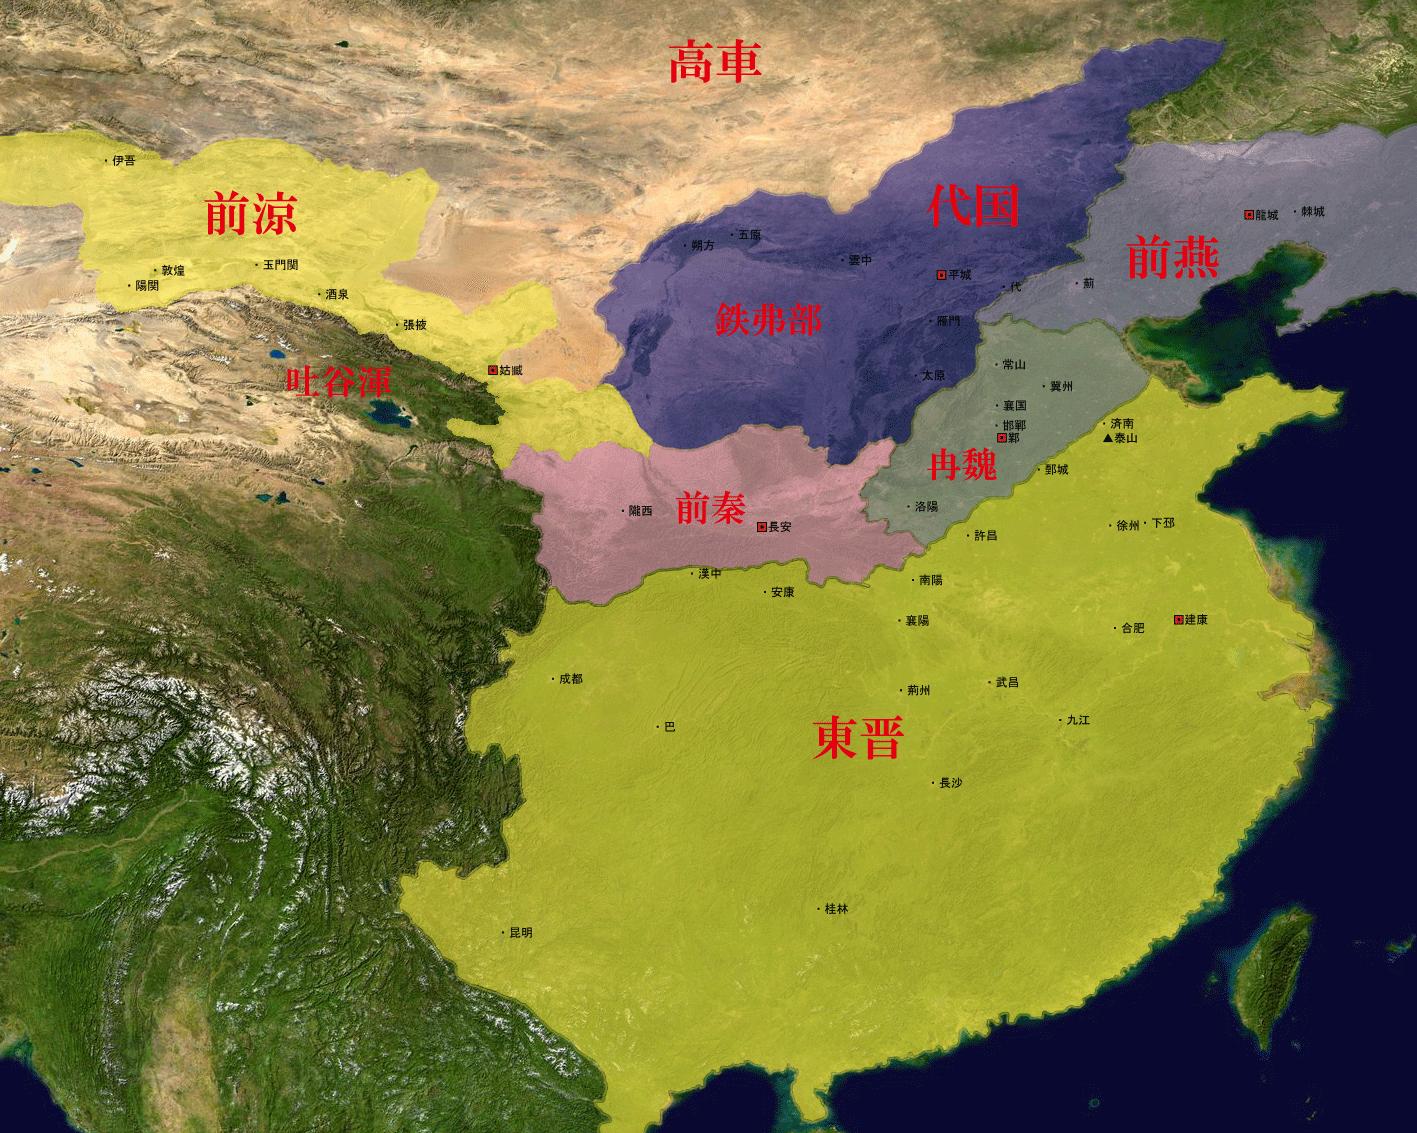 前秦、前燕、冉魏の成立